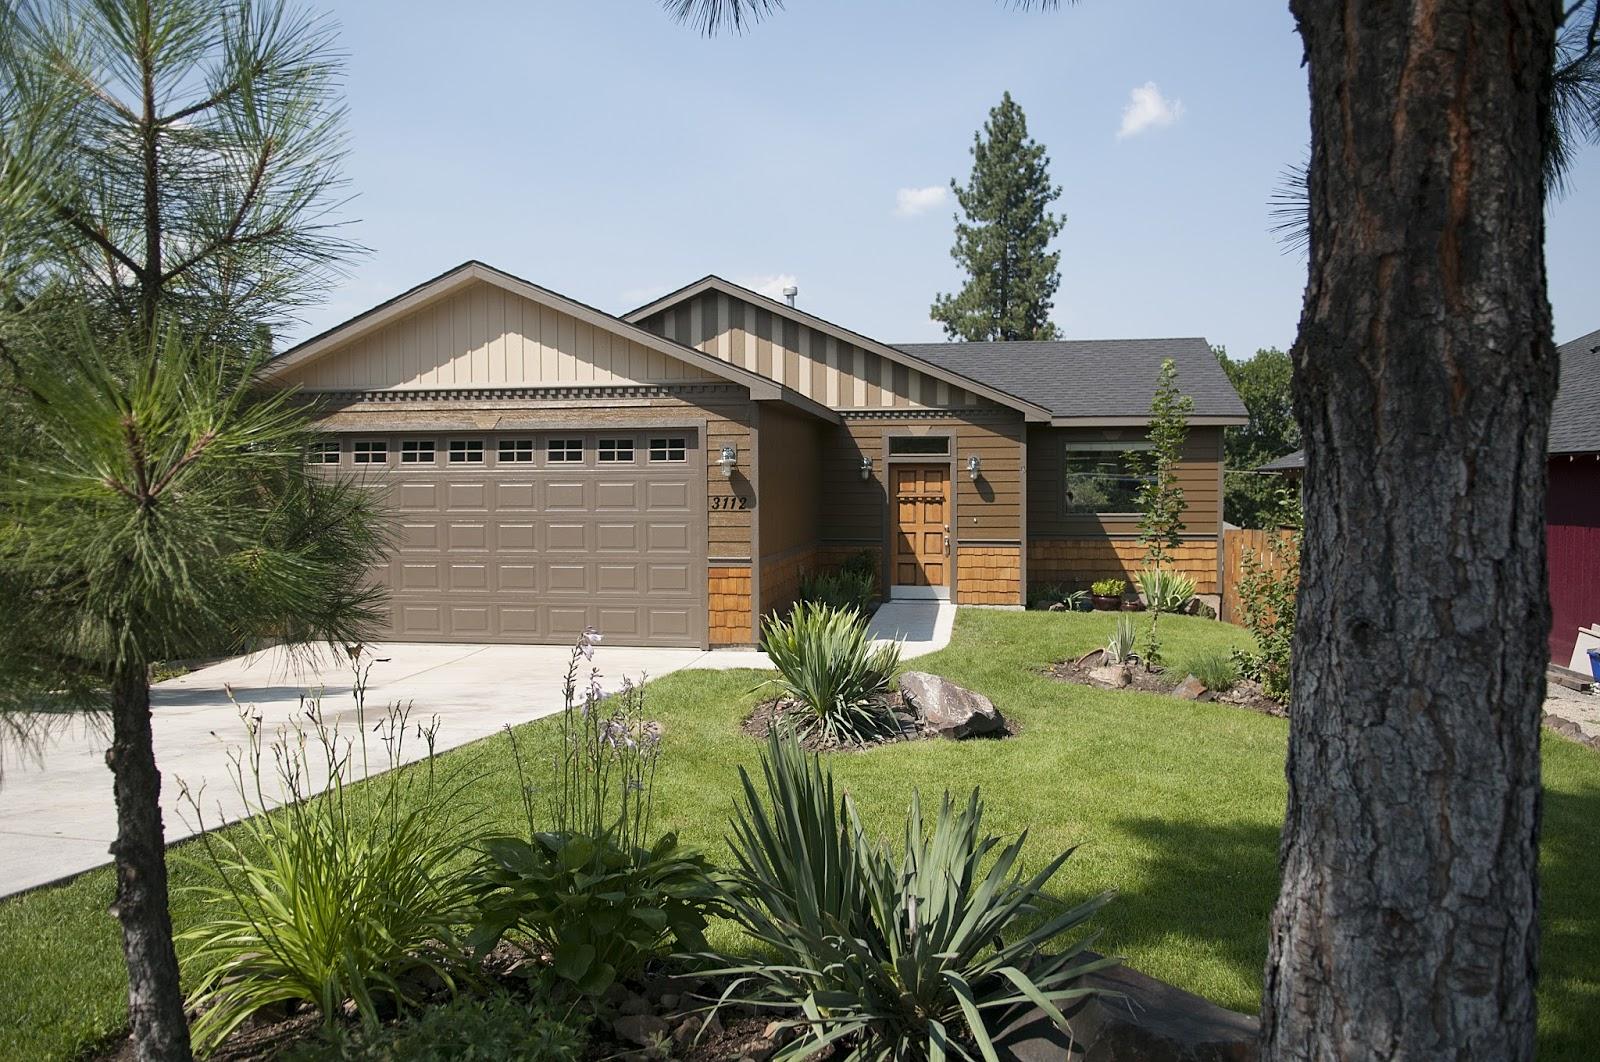 3112 West Hartson Avenue Spokane WA 99224